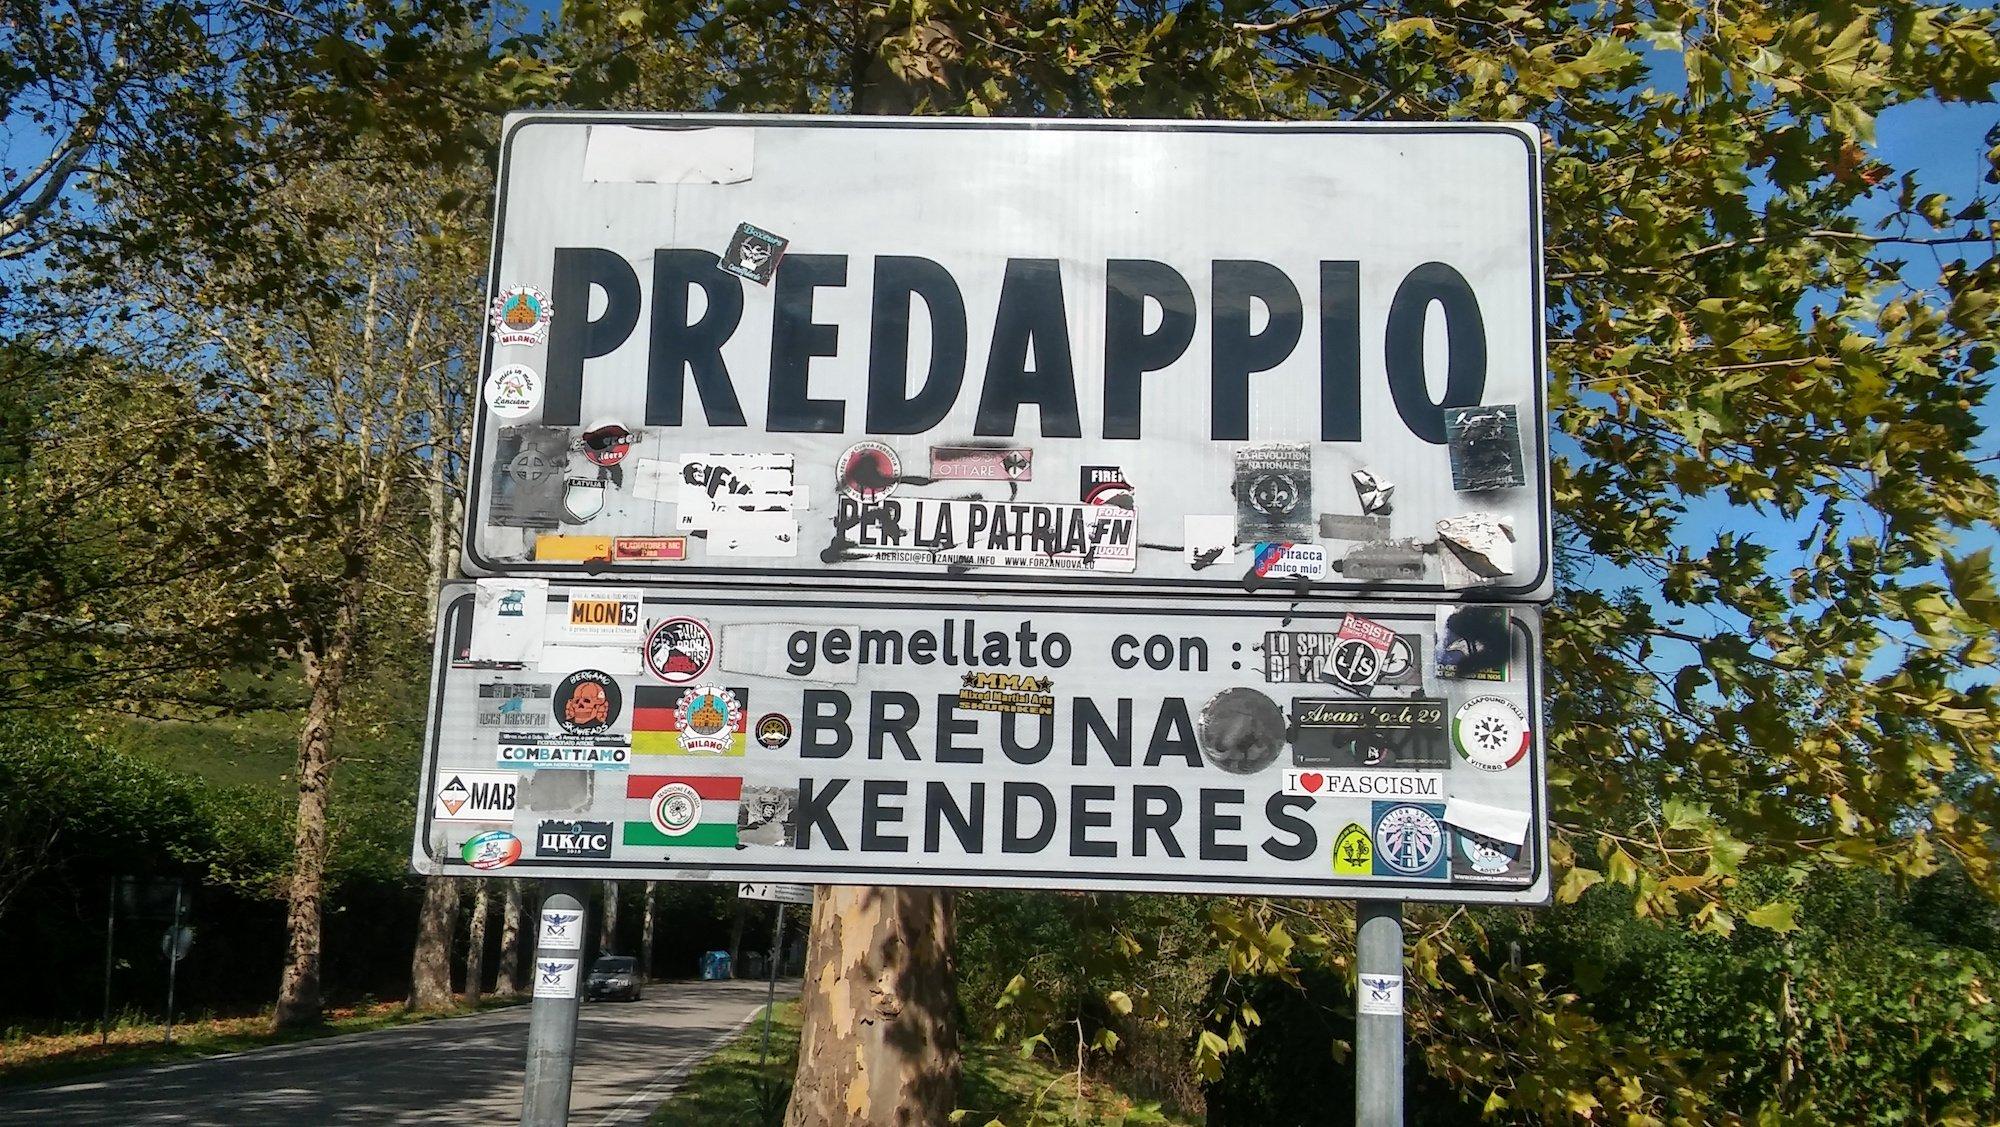 Welcome to Predappio